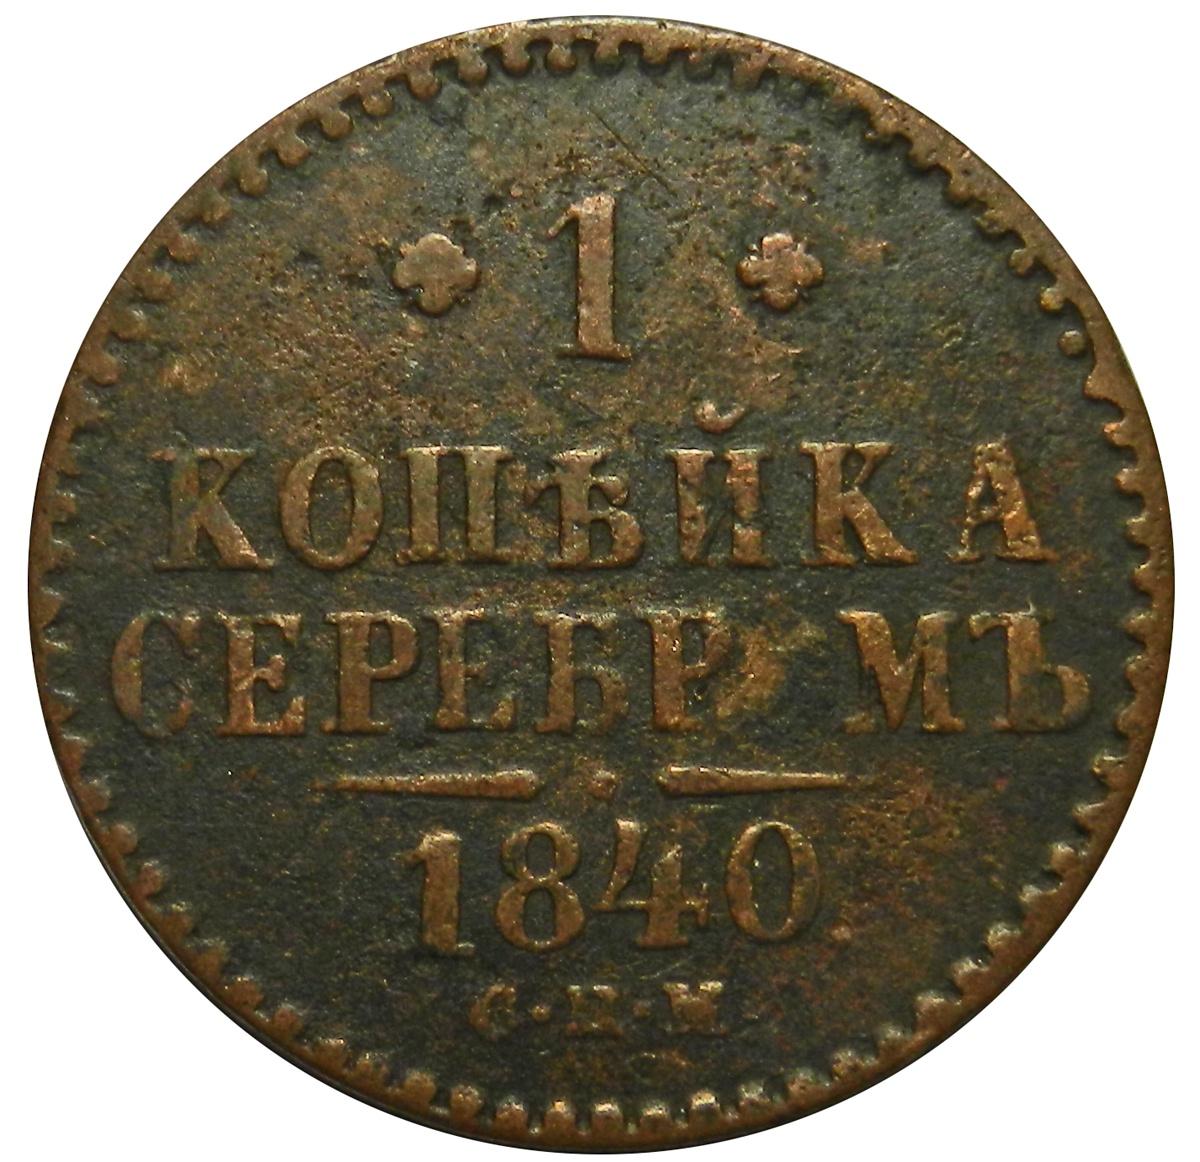 Монета 1 копейка серебром. Медь. Российская Империя, 1840 год (СПМ) XF-